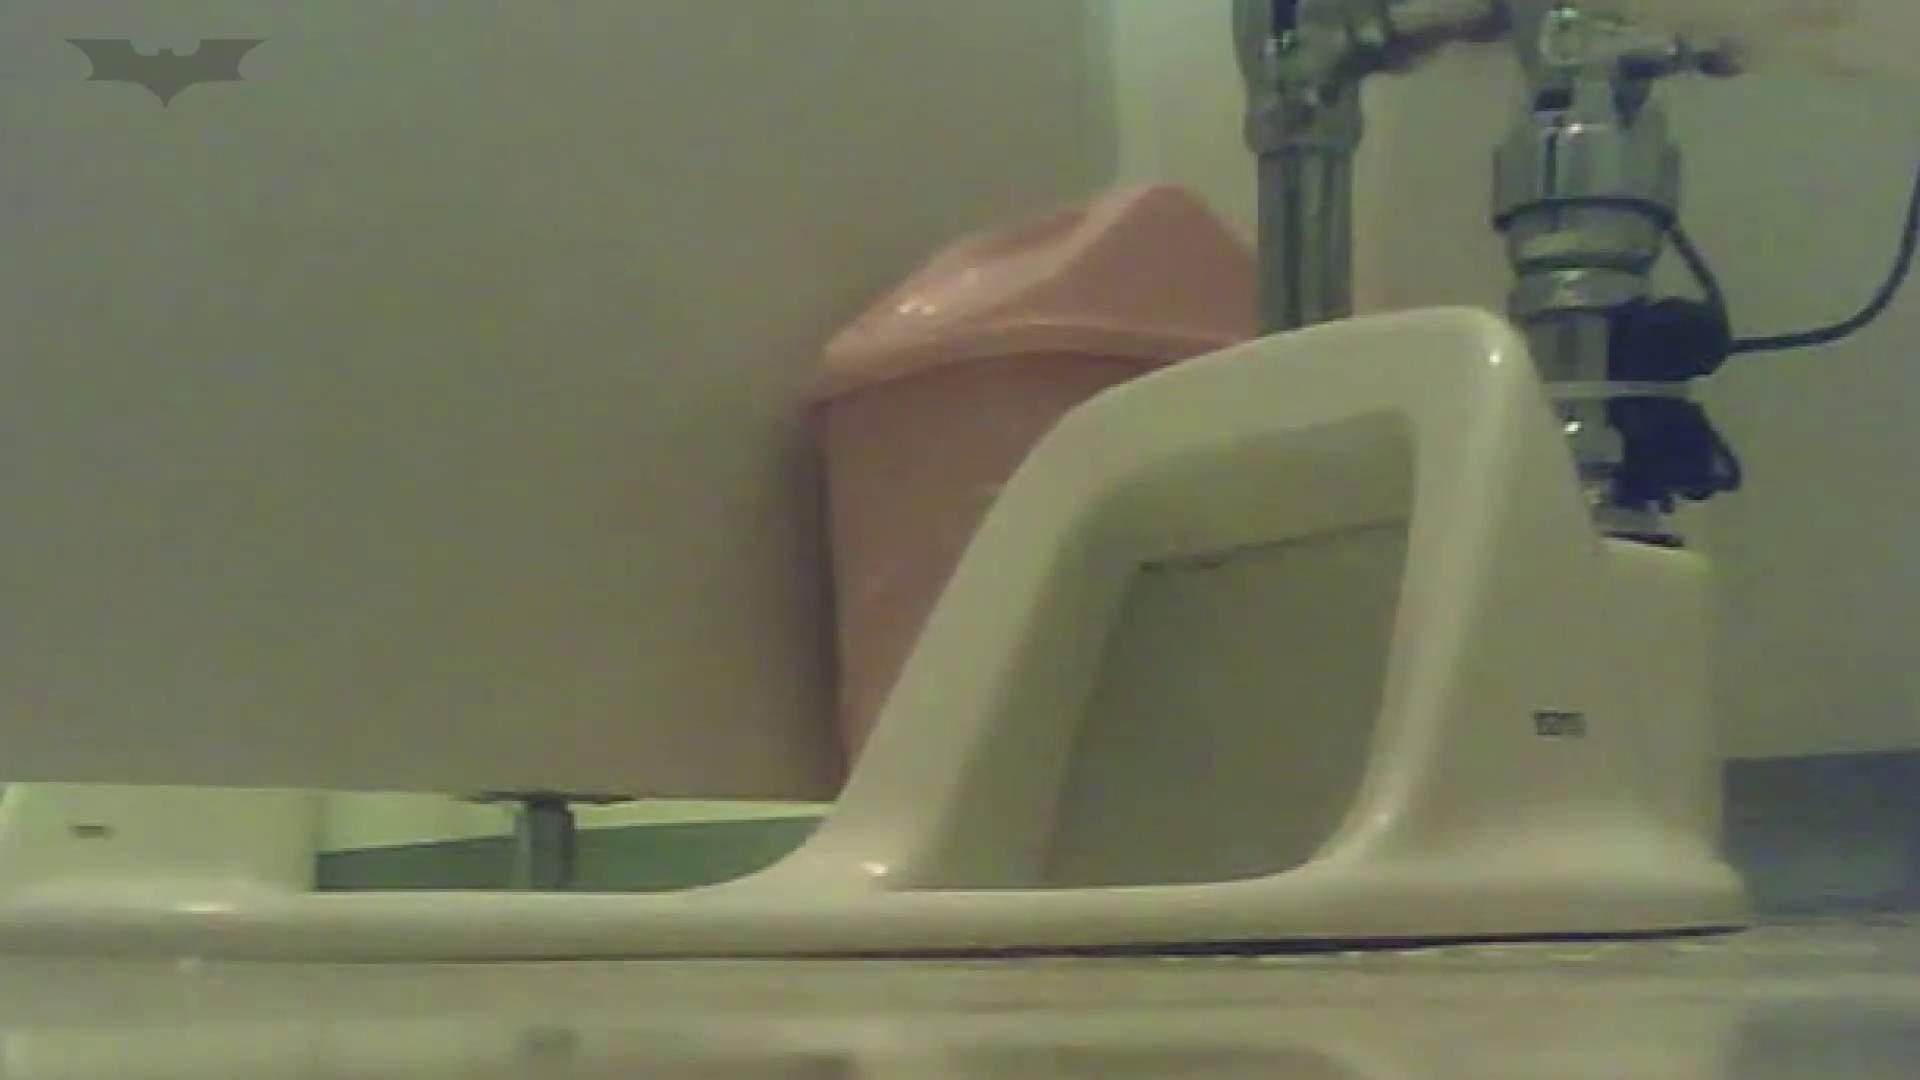 夏の思い出浜辺トイレ盗撮Vol.19 トイレのぞき AV動画キャプチャ 103画像 75